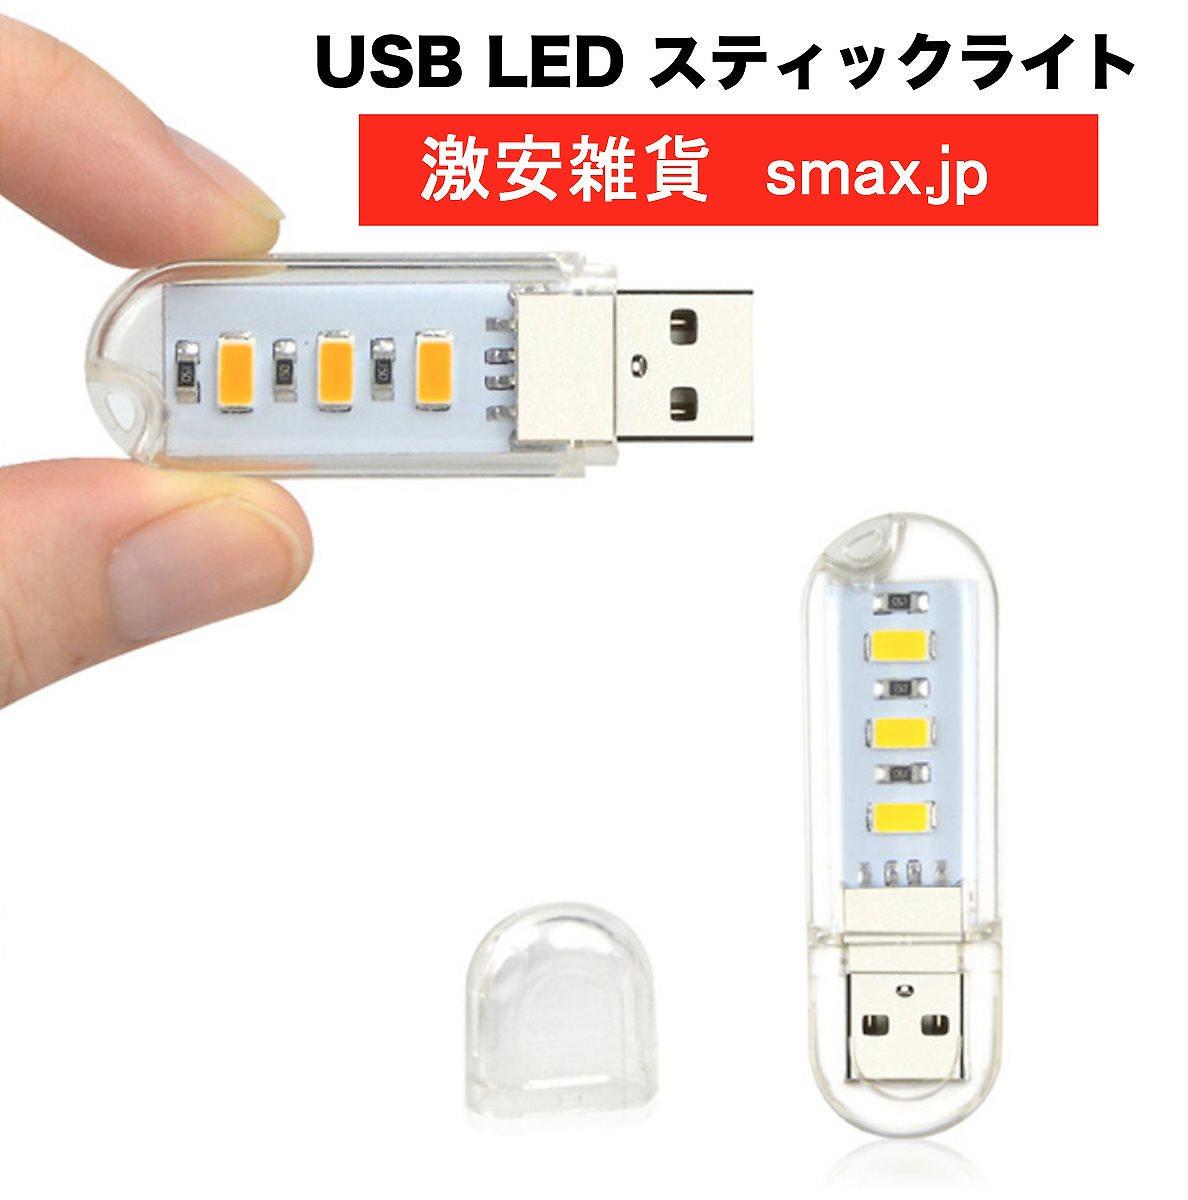 高輝度 3球 超小型LEDライト USBライト